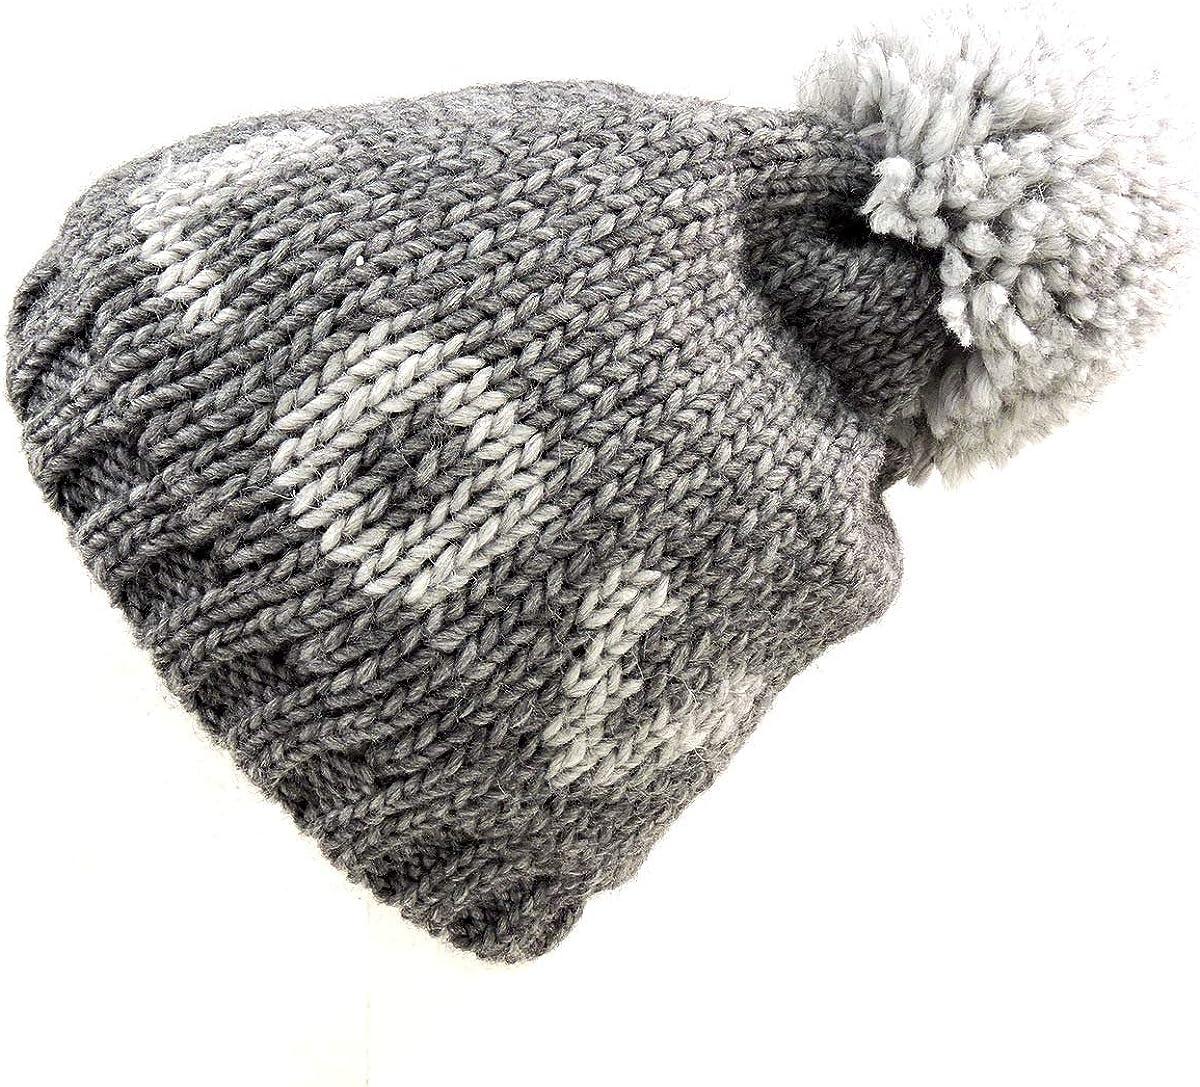 NARDI & TAGLIAFERRI Women's Grey Alpaca Winter Knit HAT with Pompom